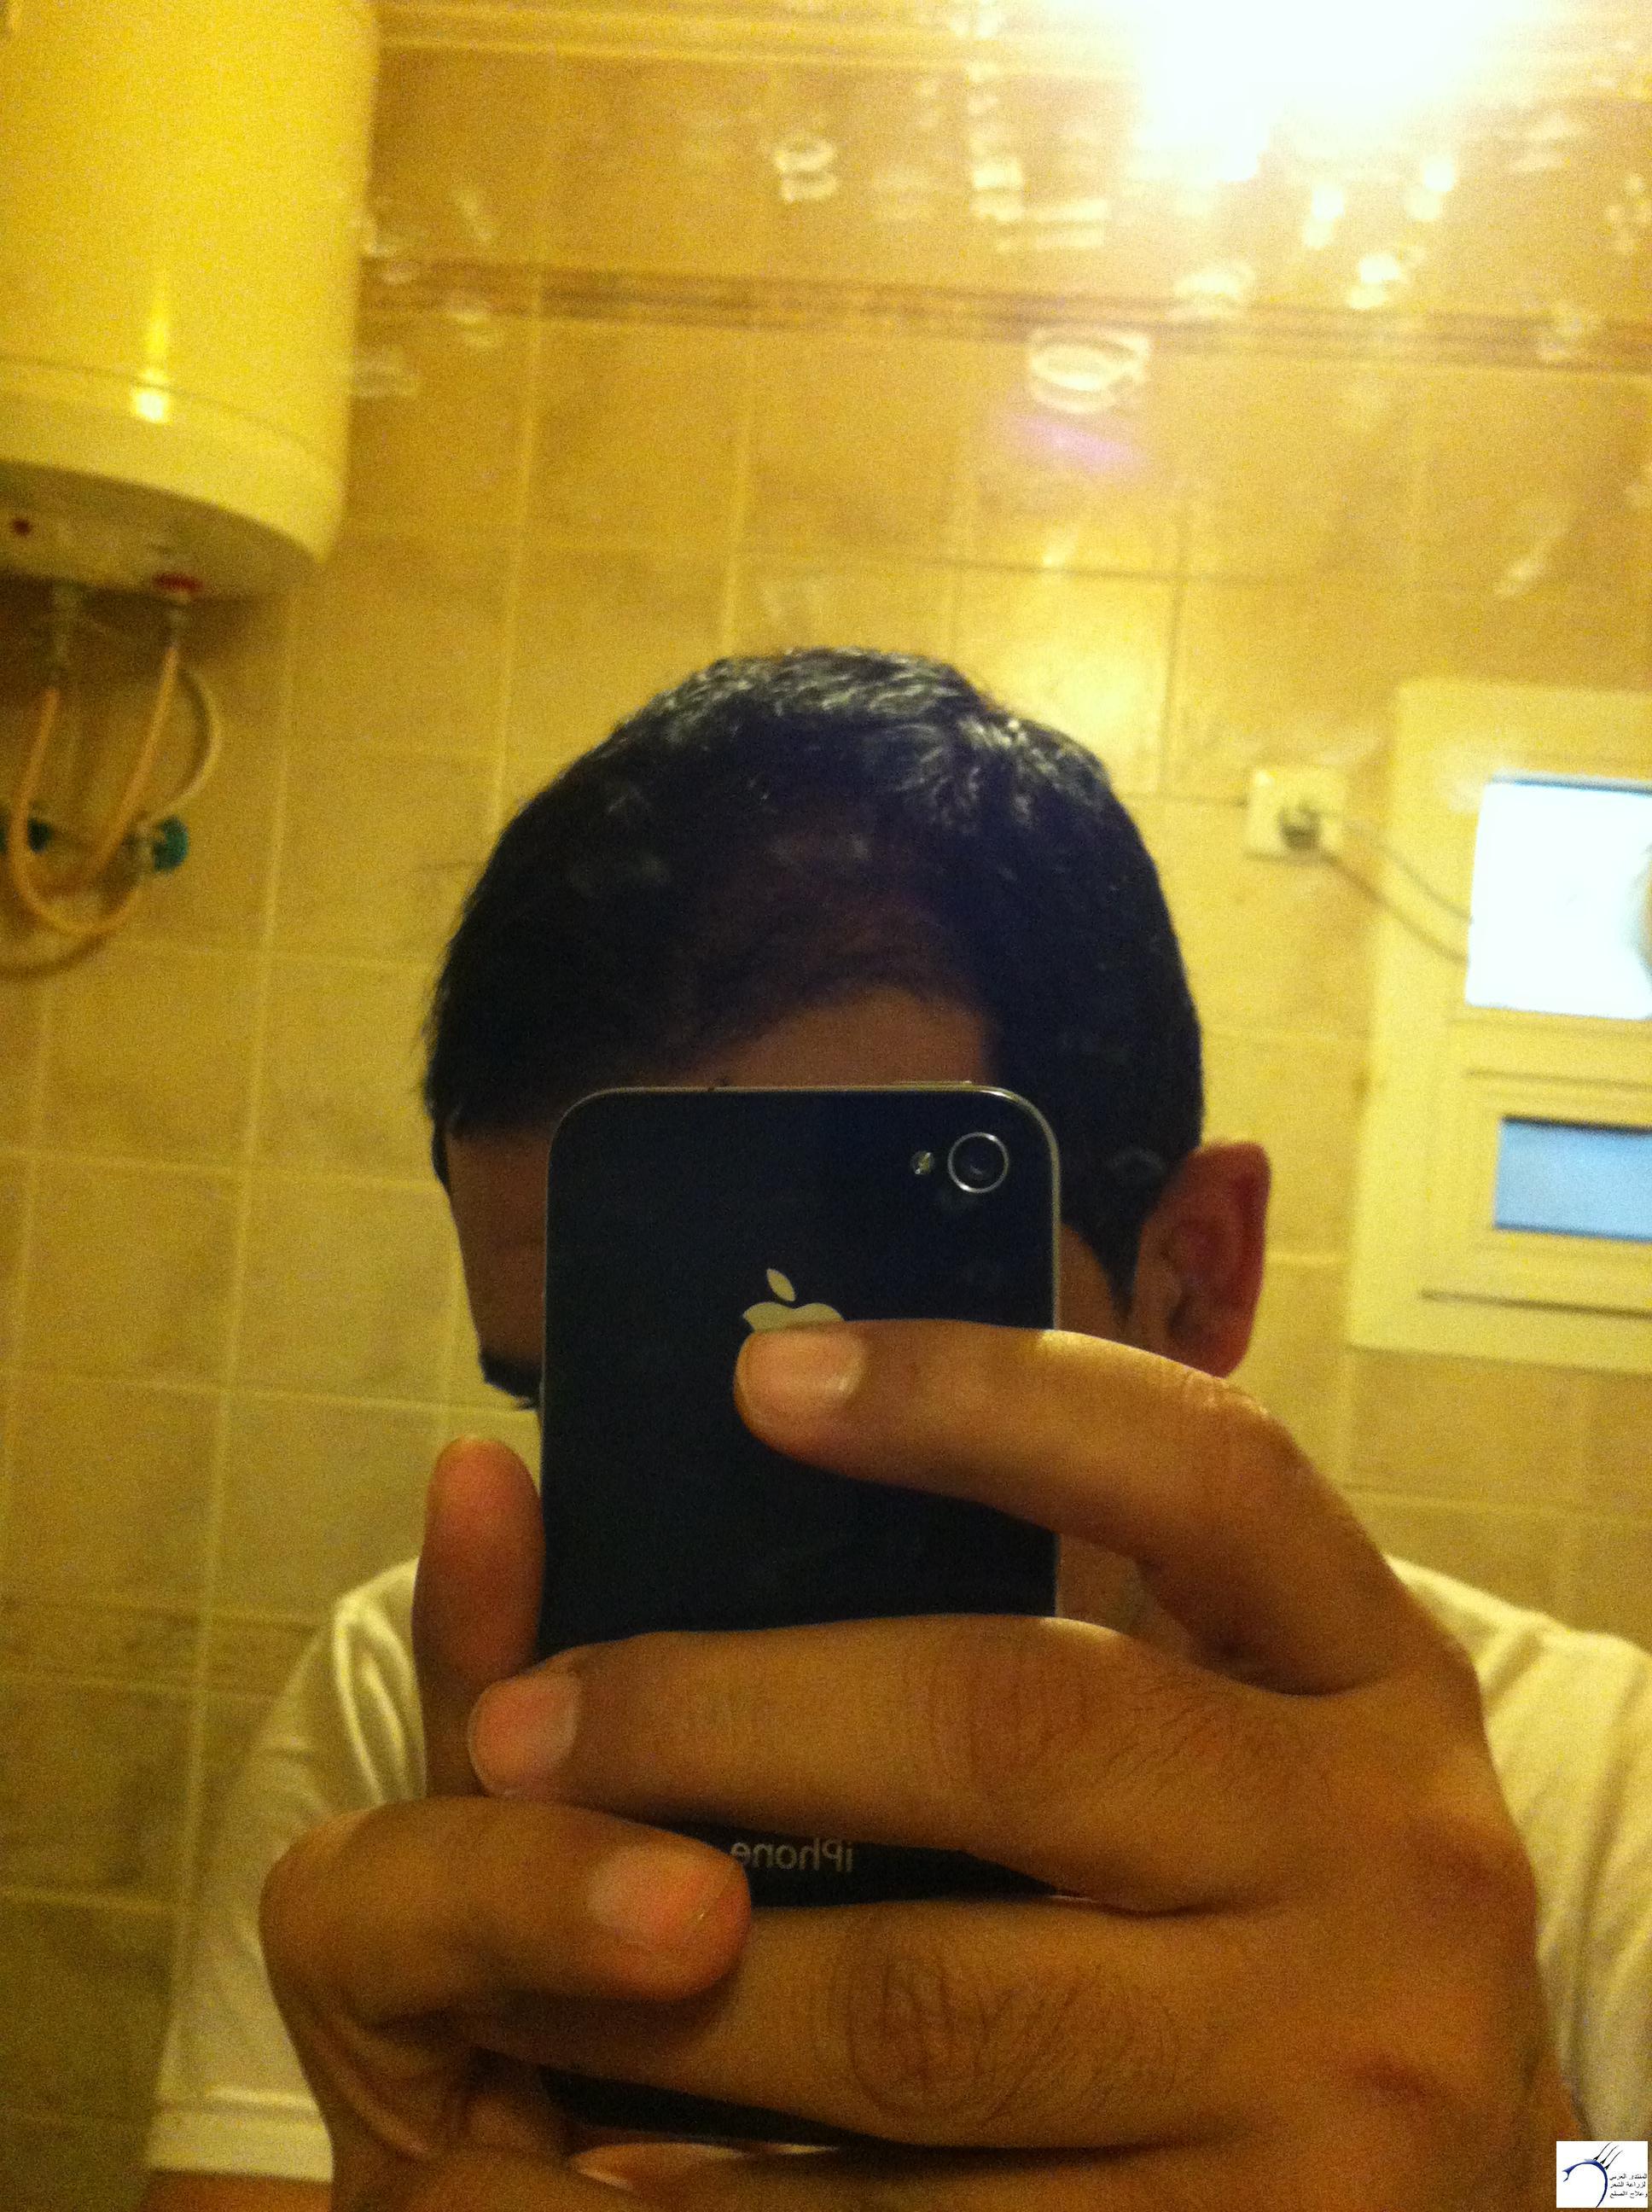 تجربتي لزراعة الشعر الدكتور Tayfun www.hairarab.com1da3